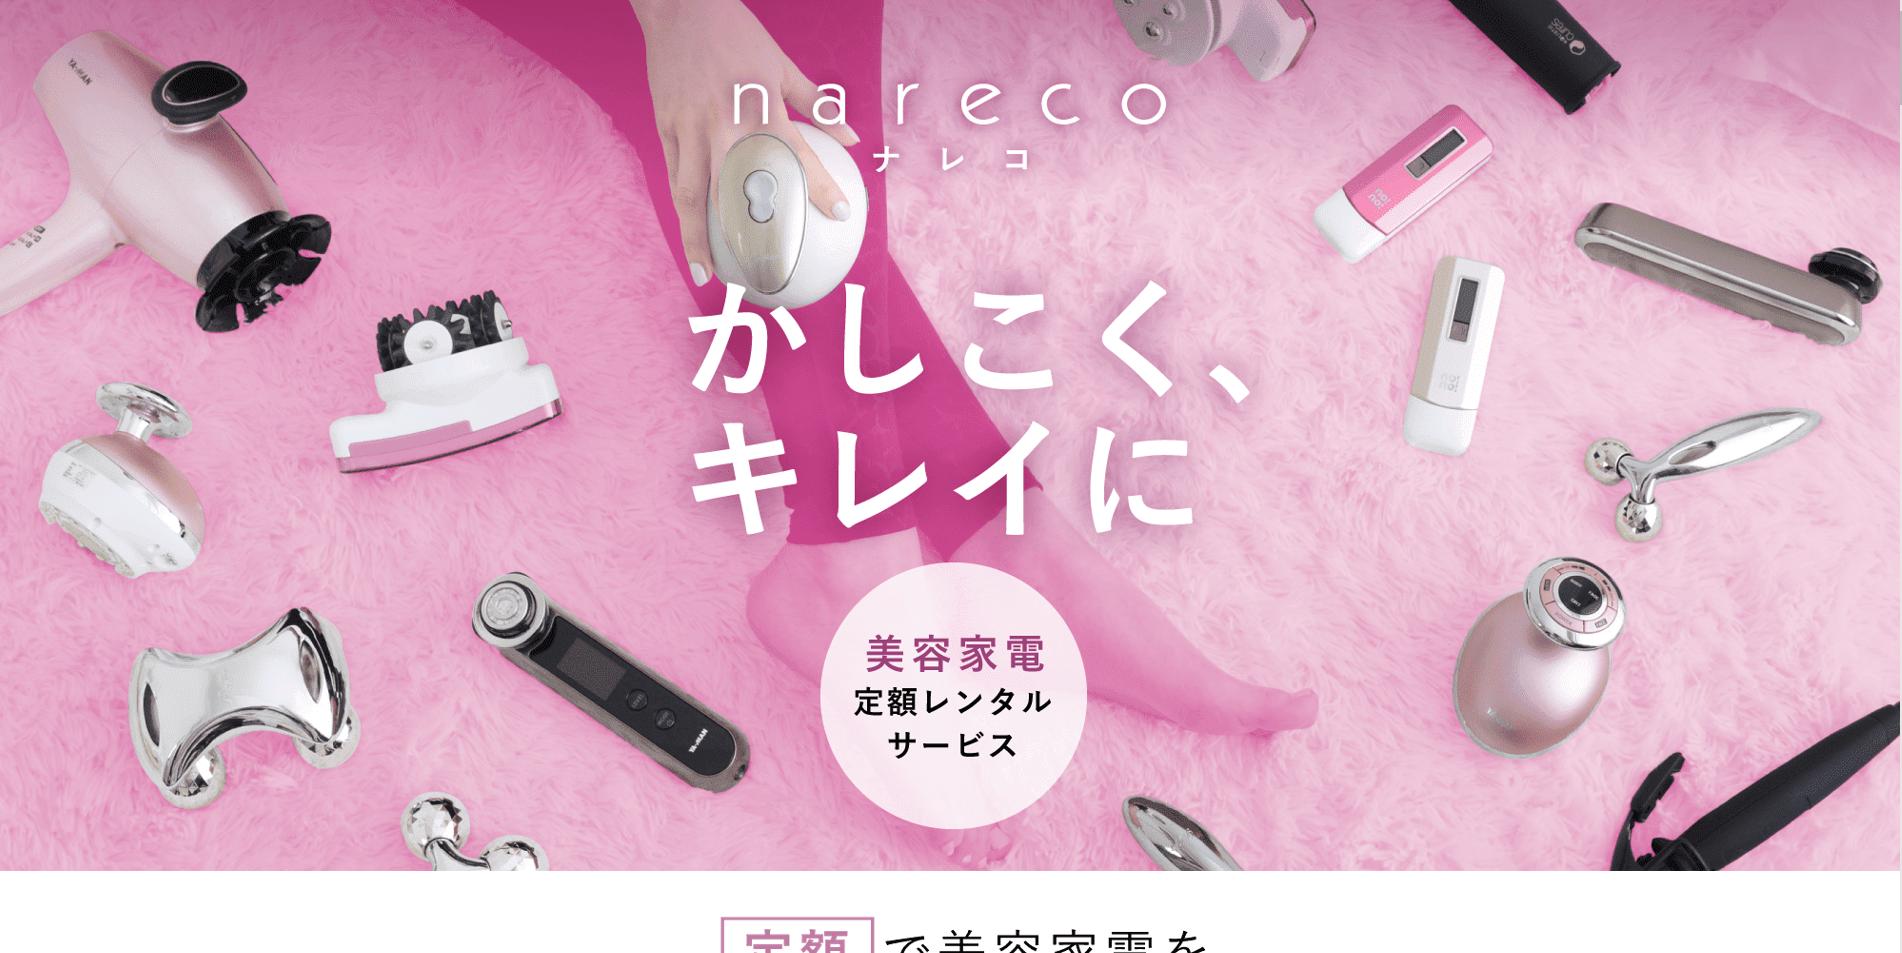 美容家電をシェアリング!「なりたい」を叶える新サービス「nareco」